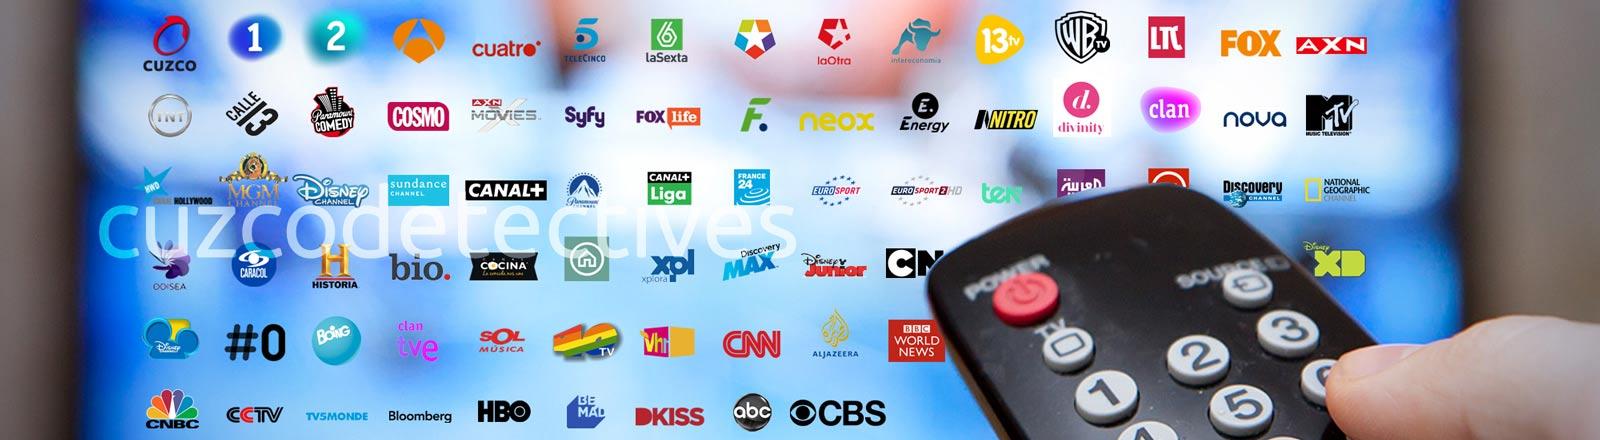 cuzco detectives en television y radio